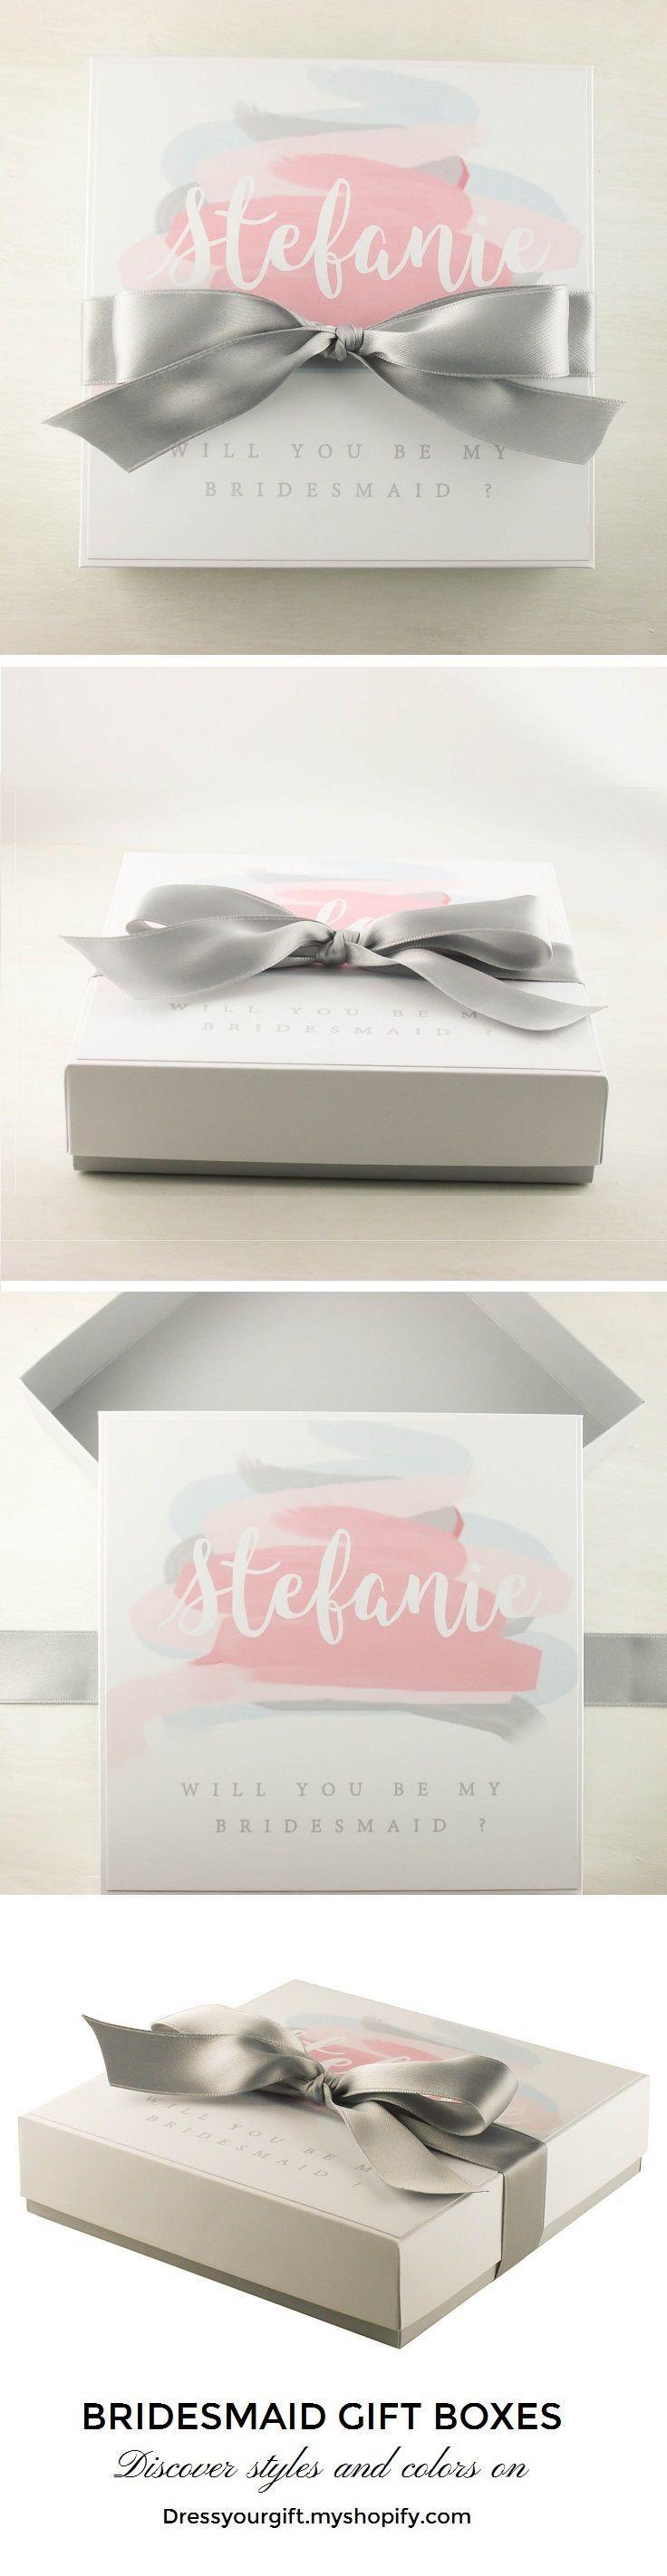 Personalized asking bridesmaid box with grey satin bow #bridalshowergift #bridalshowerpresent #maidofhonorproposal #demoiselledhonneur #damadehonor #trauzeugin #brautjungfern